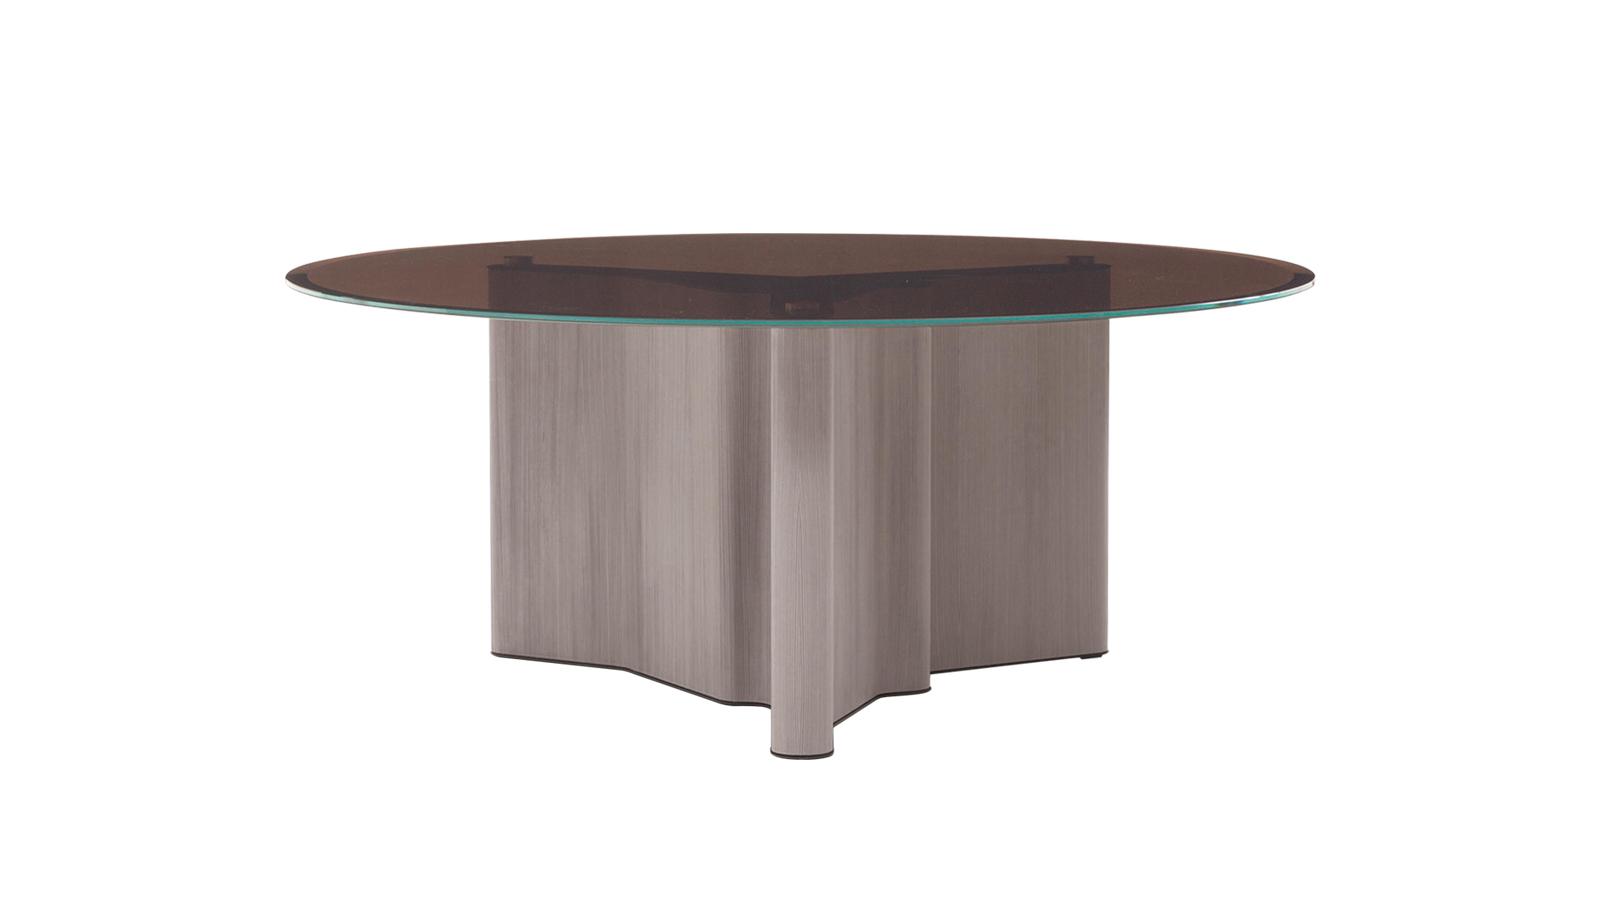 A Lou szilárd felhőkként lebeg az enteriőrben. A modern technológia és a kézműves mesterség egén ragyog fel, és fa-márvány szerkezetének hála megkapó látvánnyal bír. Utóbbi a bútor játékos formavilágát ellensúlyozza, így formális terekbe éppúgy szánható, mint a családi fészekbe. Számos verziója elérhető a CODE Showroom kínálatában.